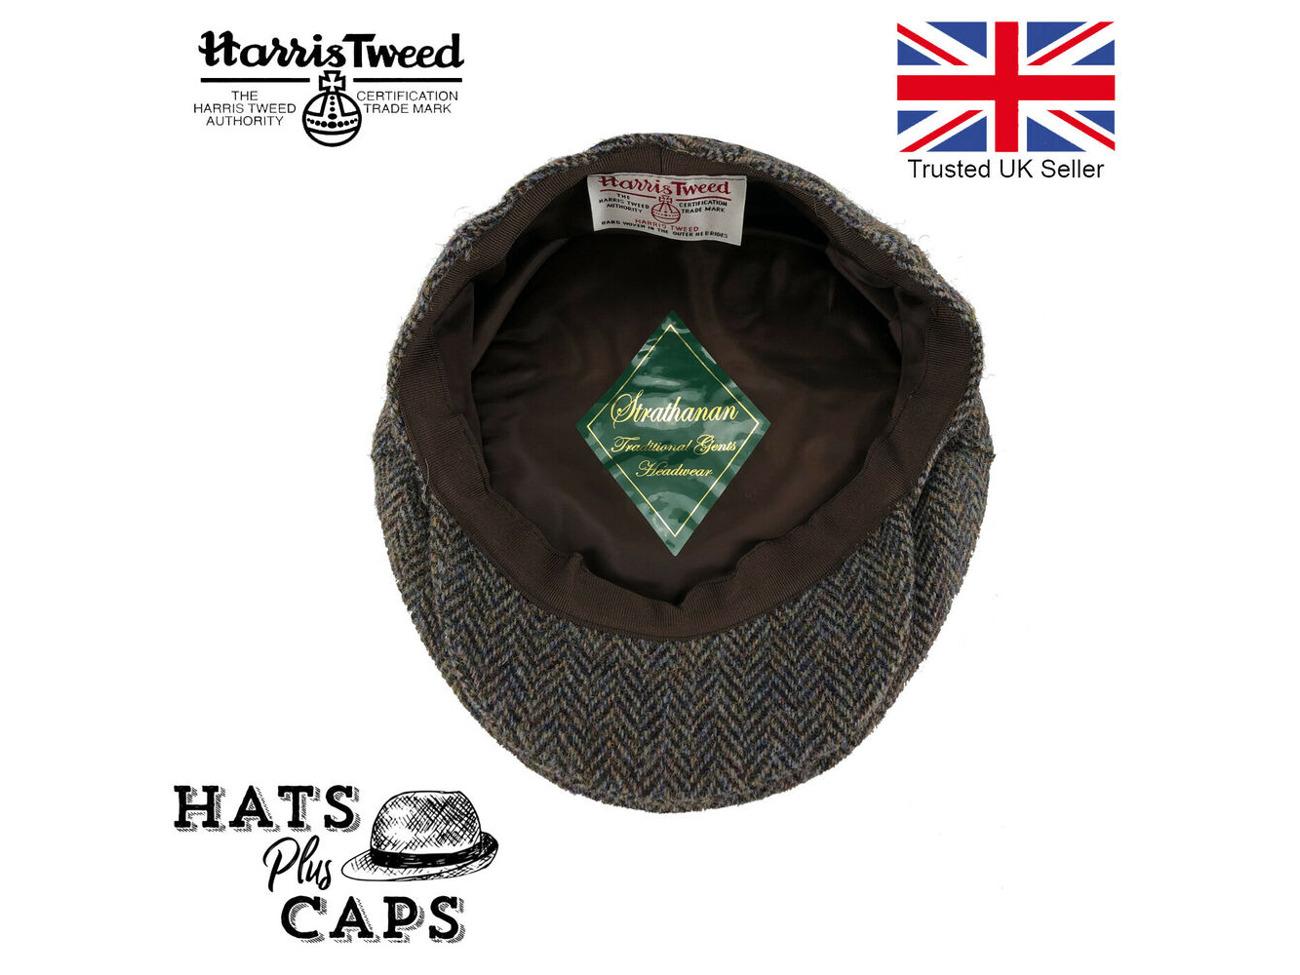 0552f6d45 Buy Harris Tweed Flat Cap Genuine British Made Hat 100% Wool Grey ...